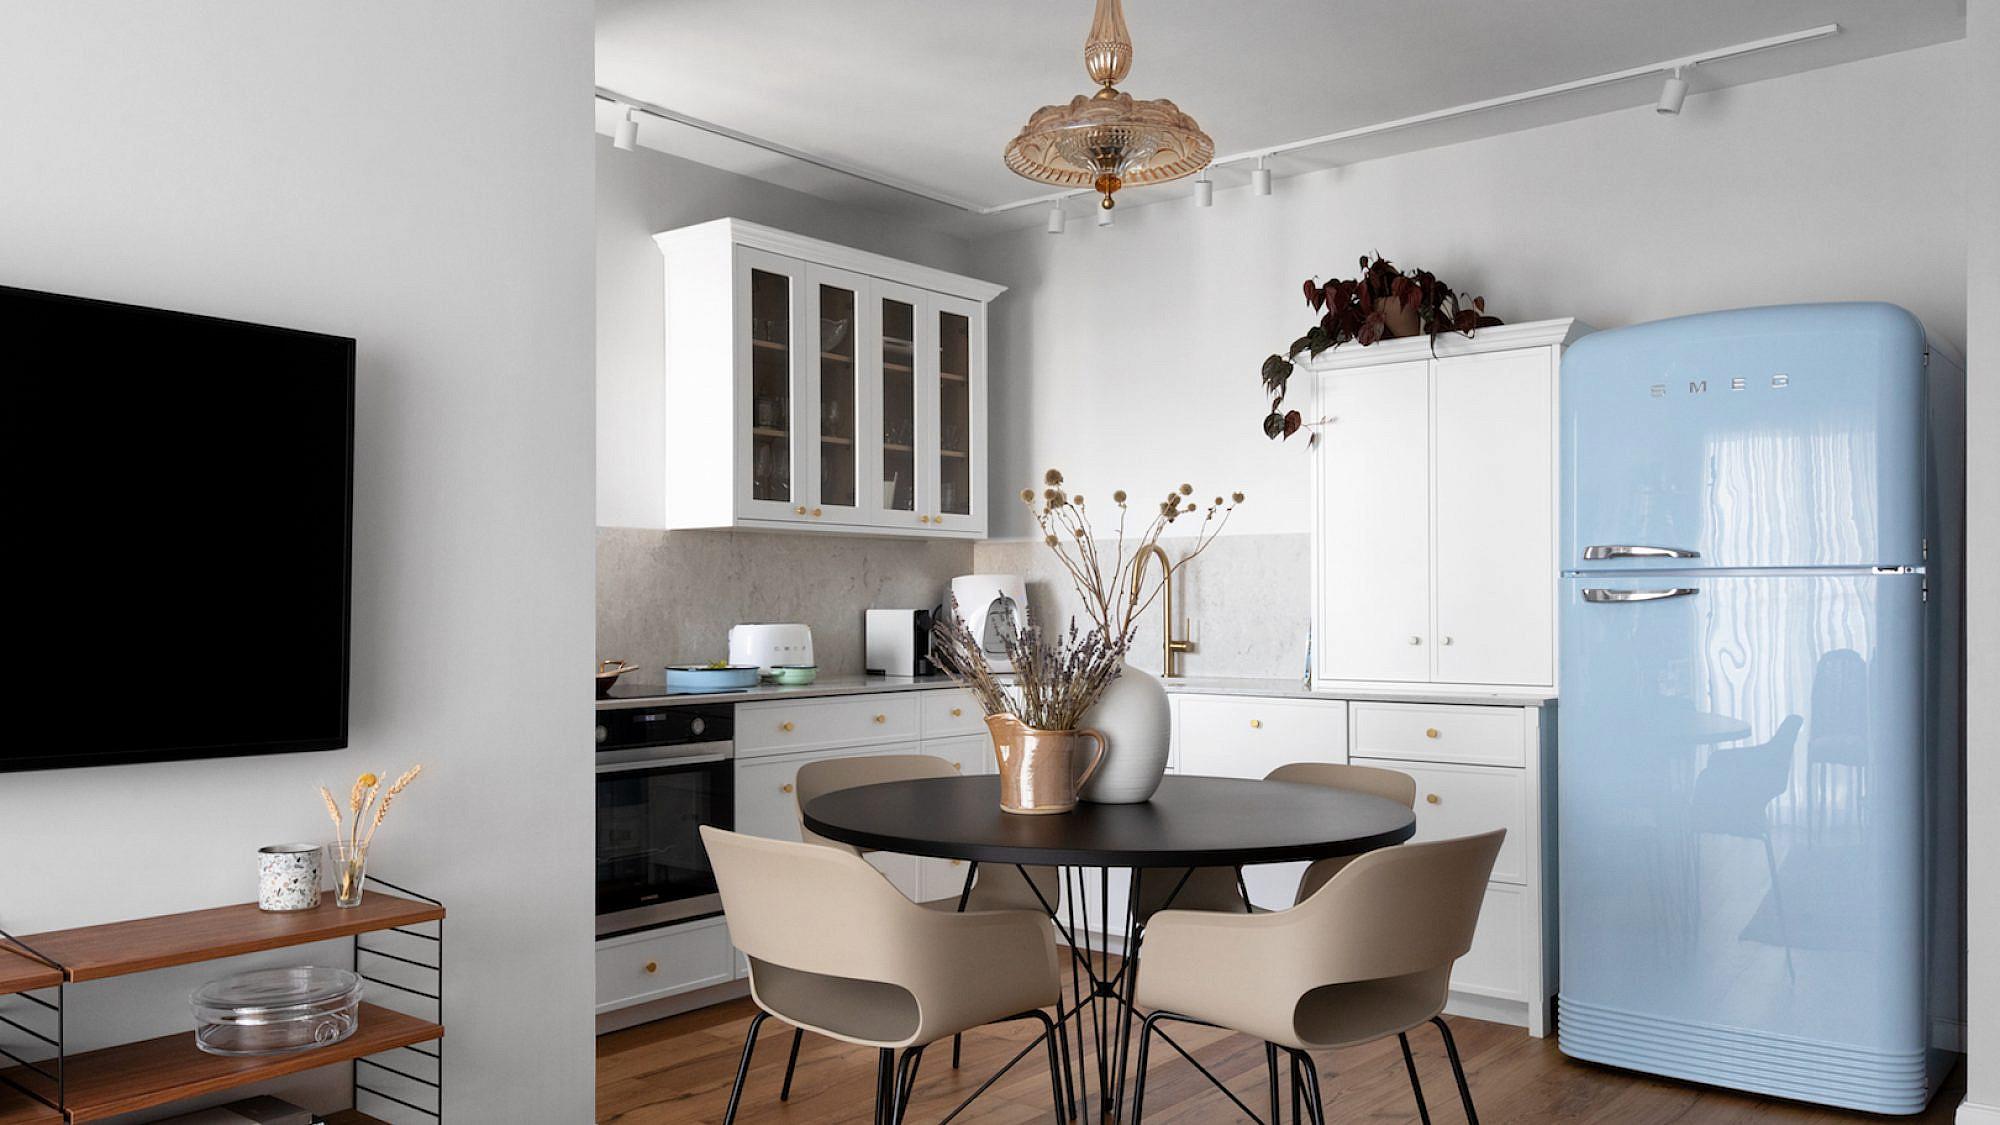 דירה באור עקיבא   עיצוב: לירון גונן, צילום: שירן כרמל